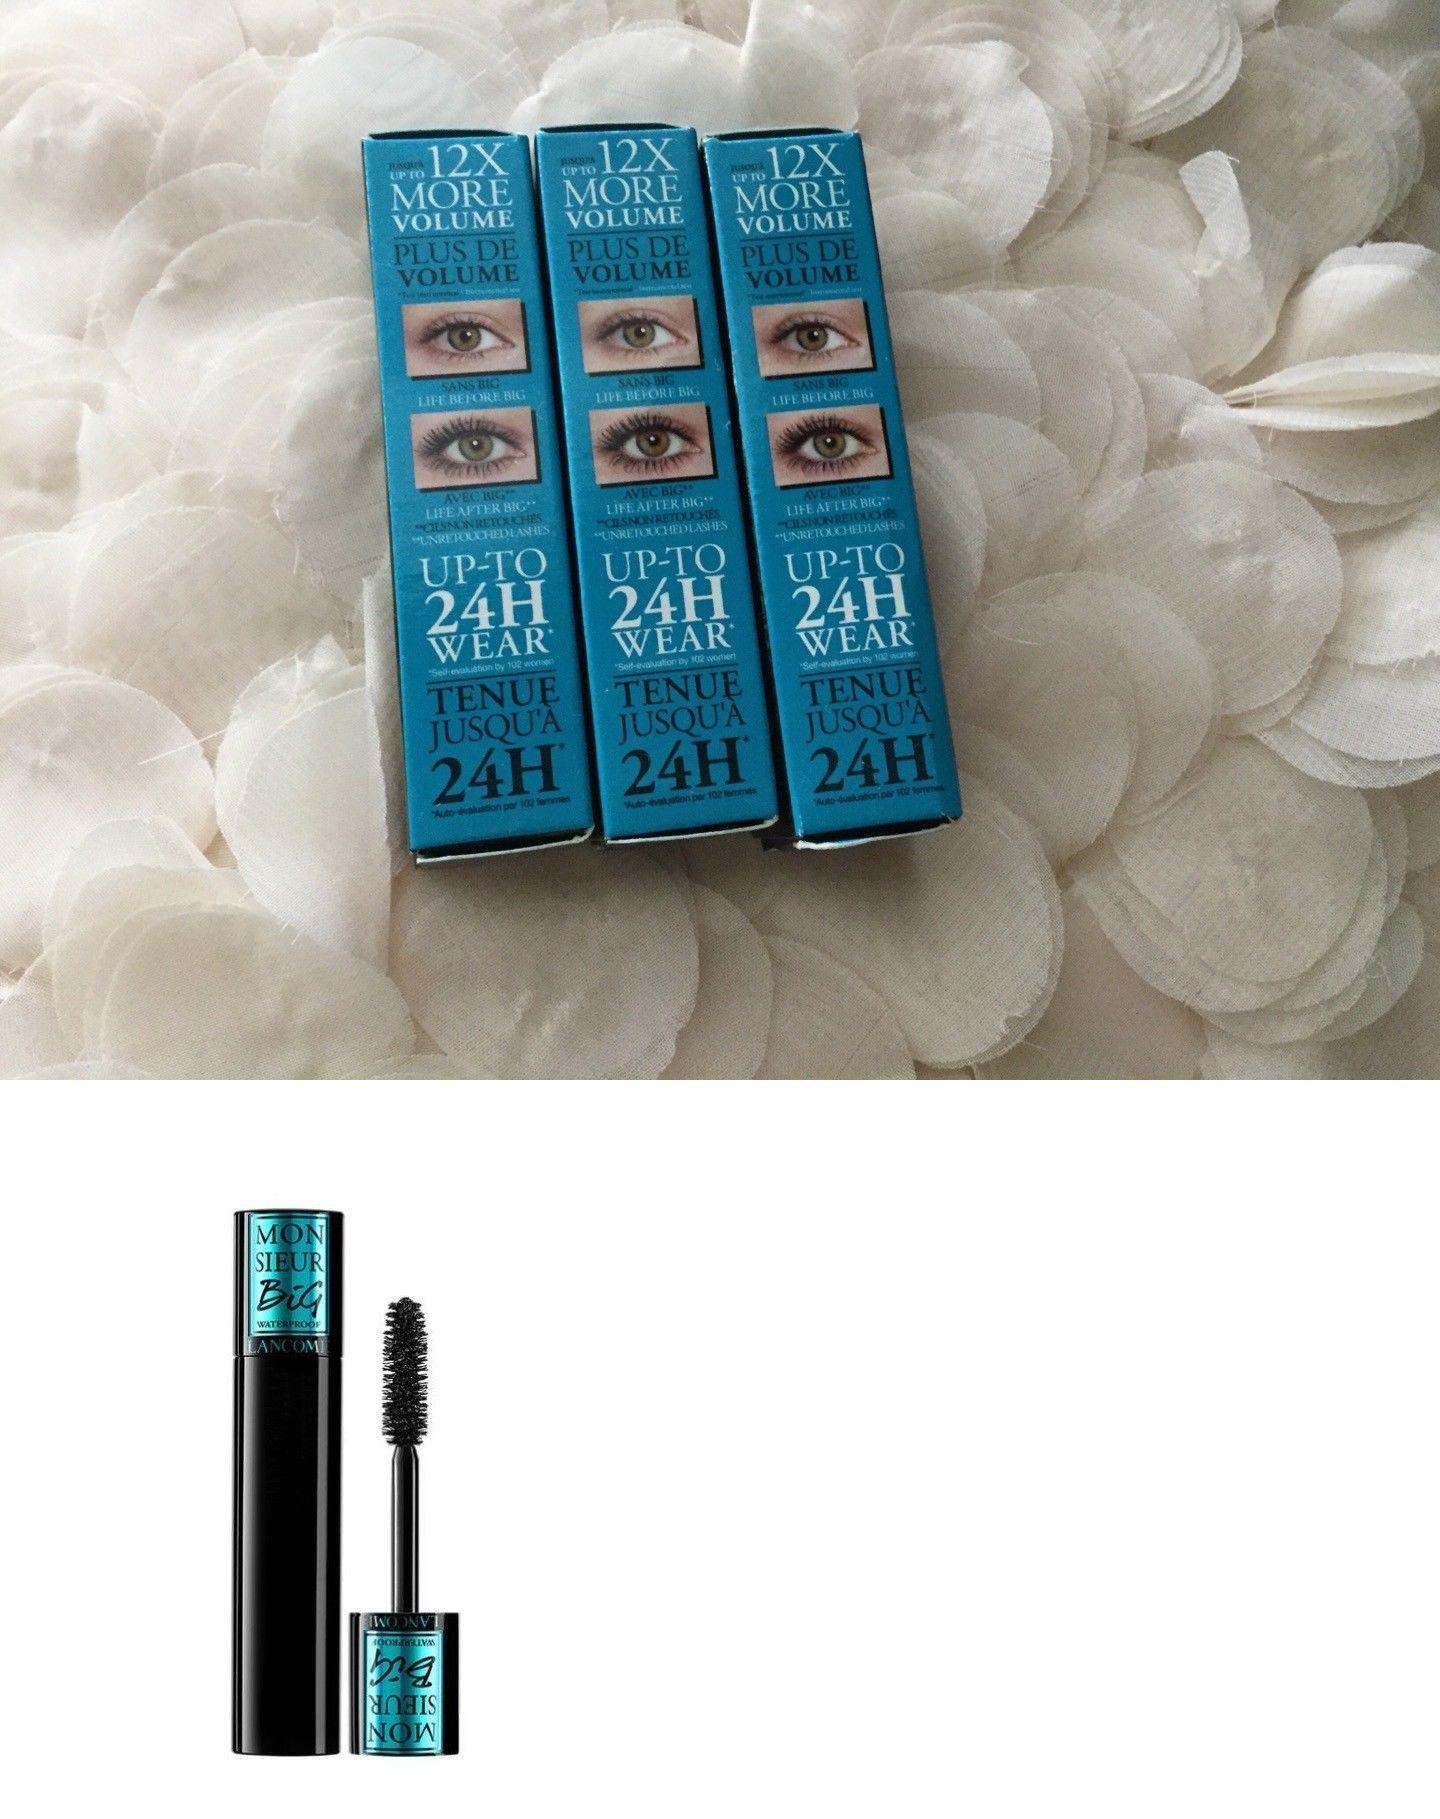 3 Lancome Monsieur Big Volume Waterproof Mascara Black 2ml New In 11869 Box Buy It Now Only 15 On Ebay